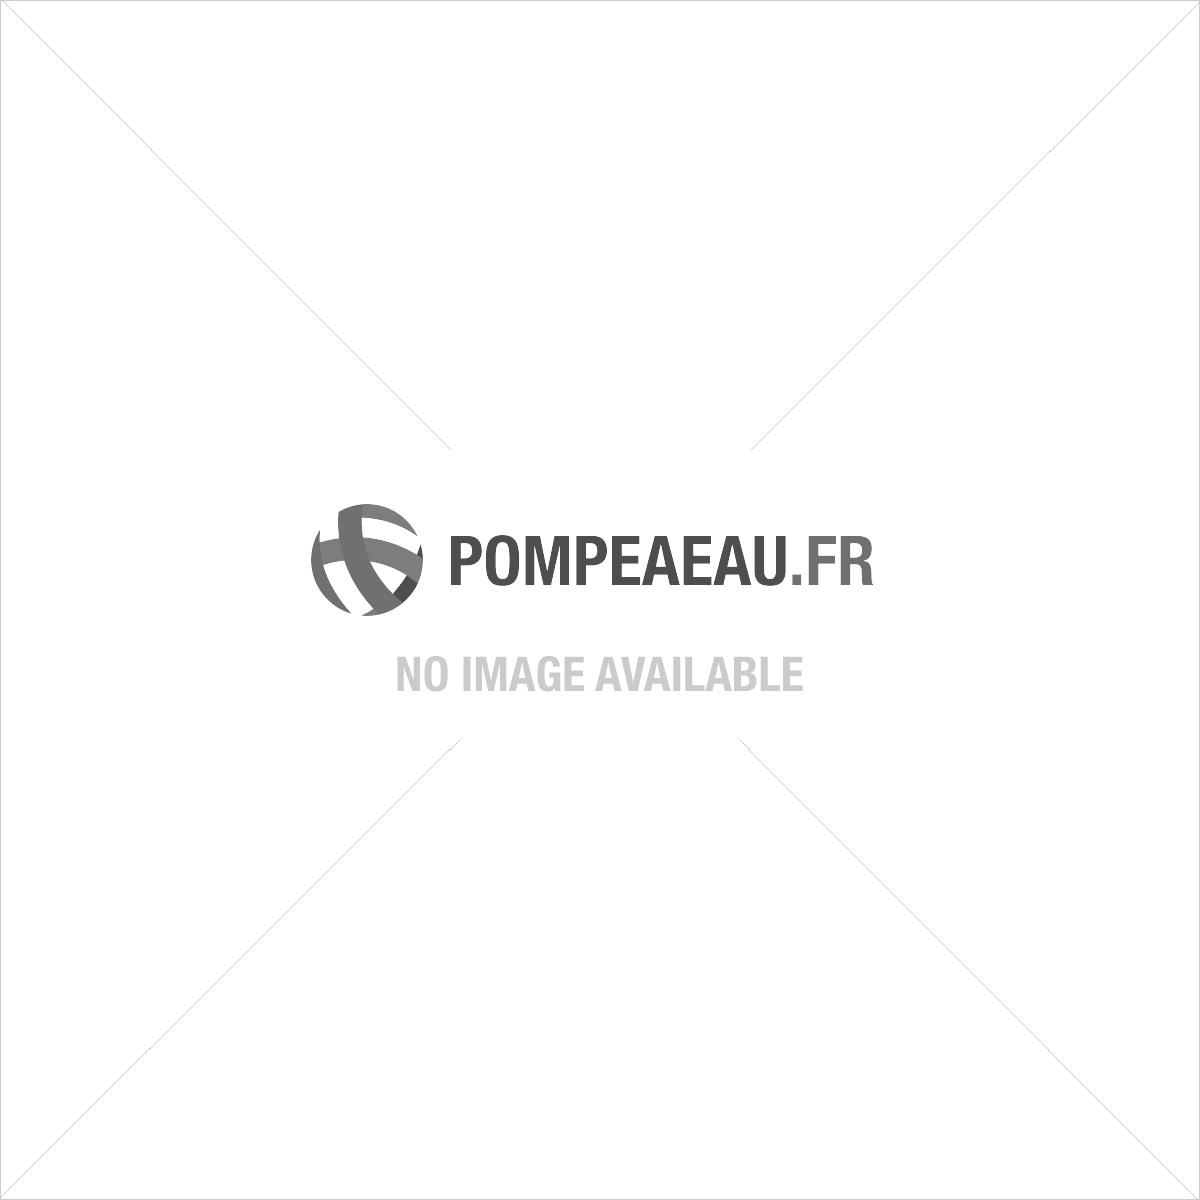 DAB S4 4/9 M KIT AD Plus M/M 1.1 Pompe de forage automatique